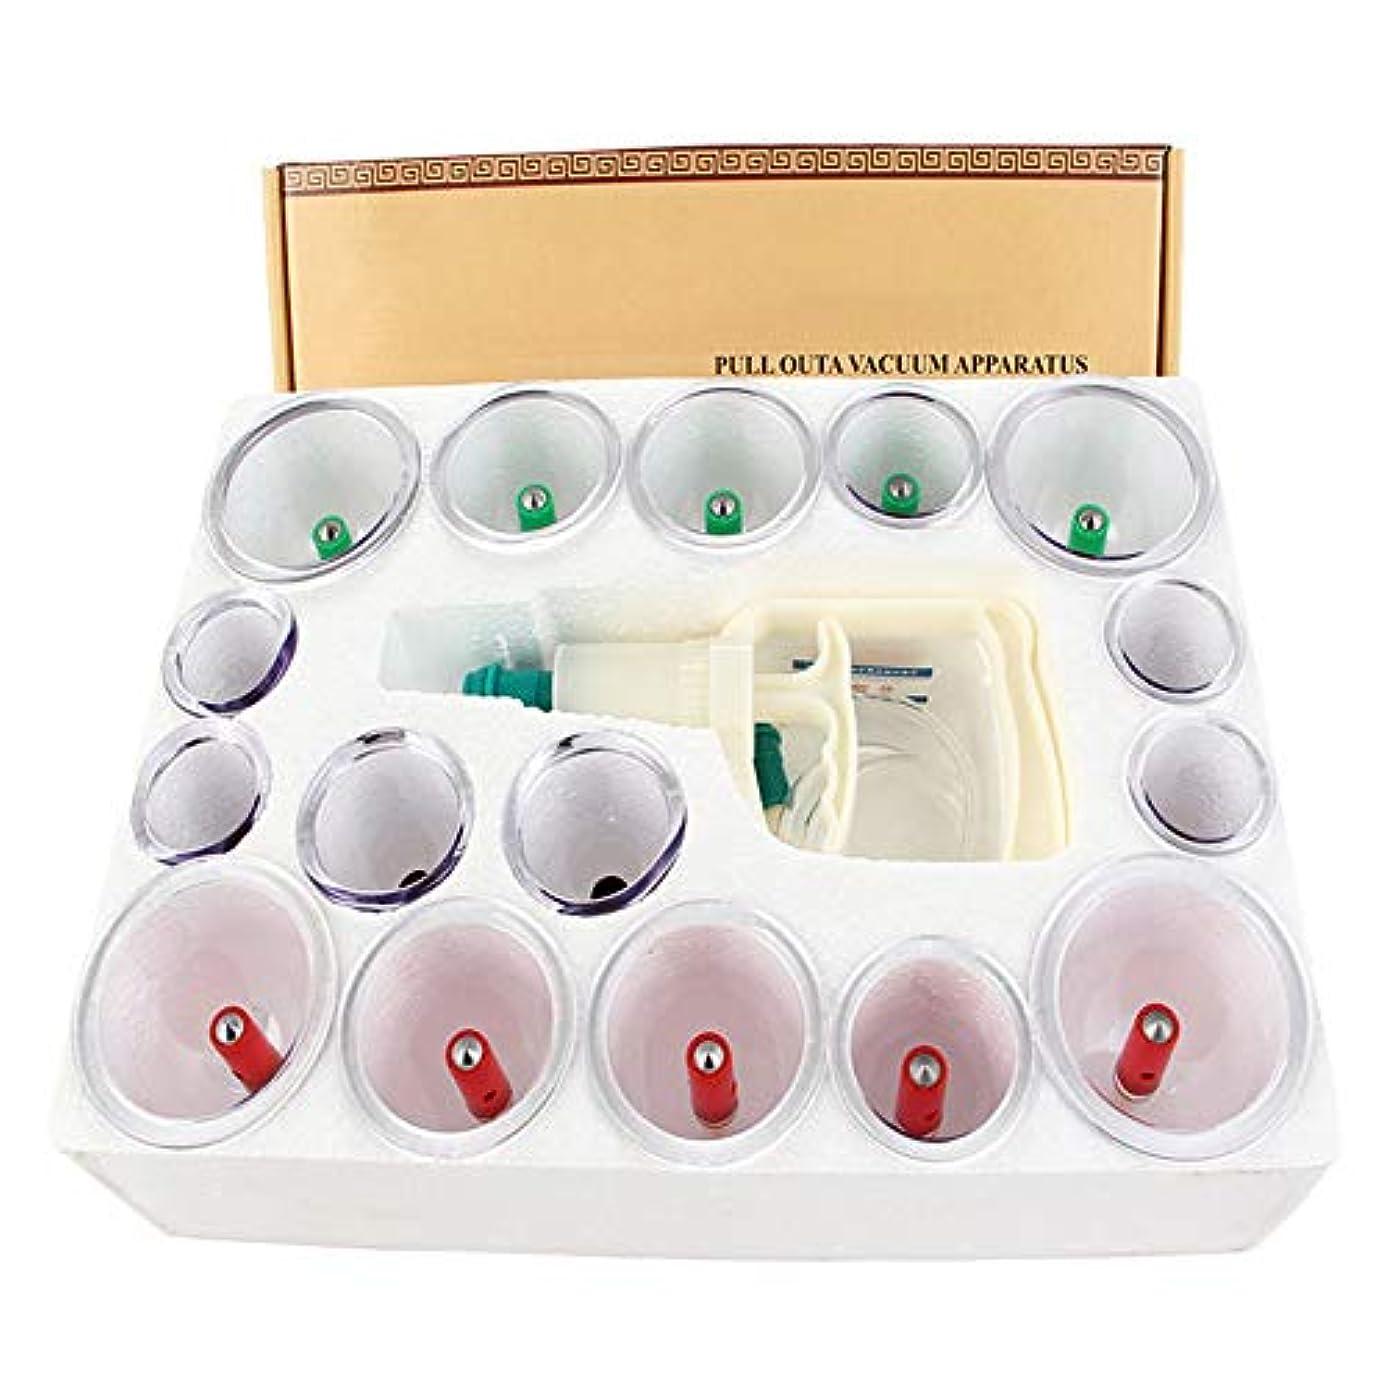 絶対のカブ底16カップカッピングセットプラスチック、カッピングバキュームプロフェッショナルサクションバイオマグネティック、在宅医療、バキュームマグネティックポンプ付き、女性と男性用、ストレスと筋肉の緩和